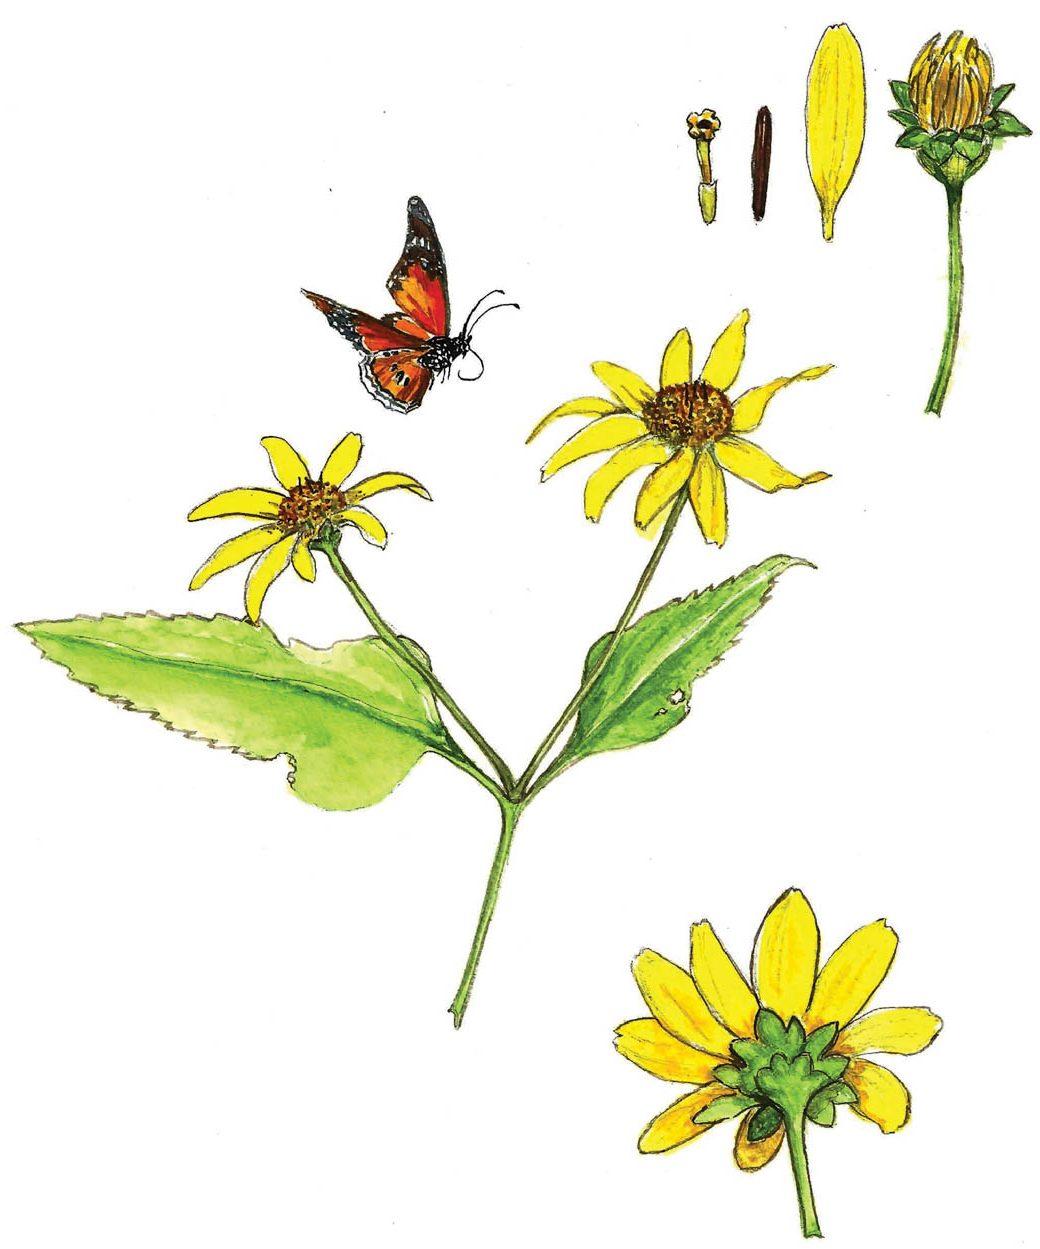 In Bloom: Eastern Oxeye